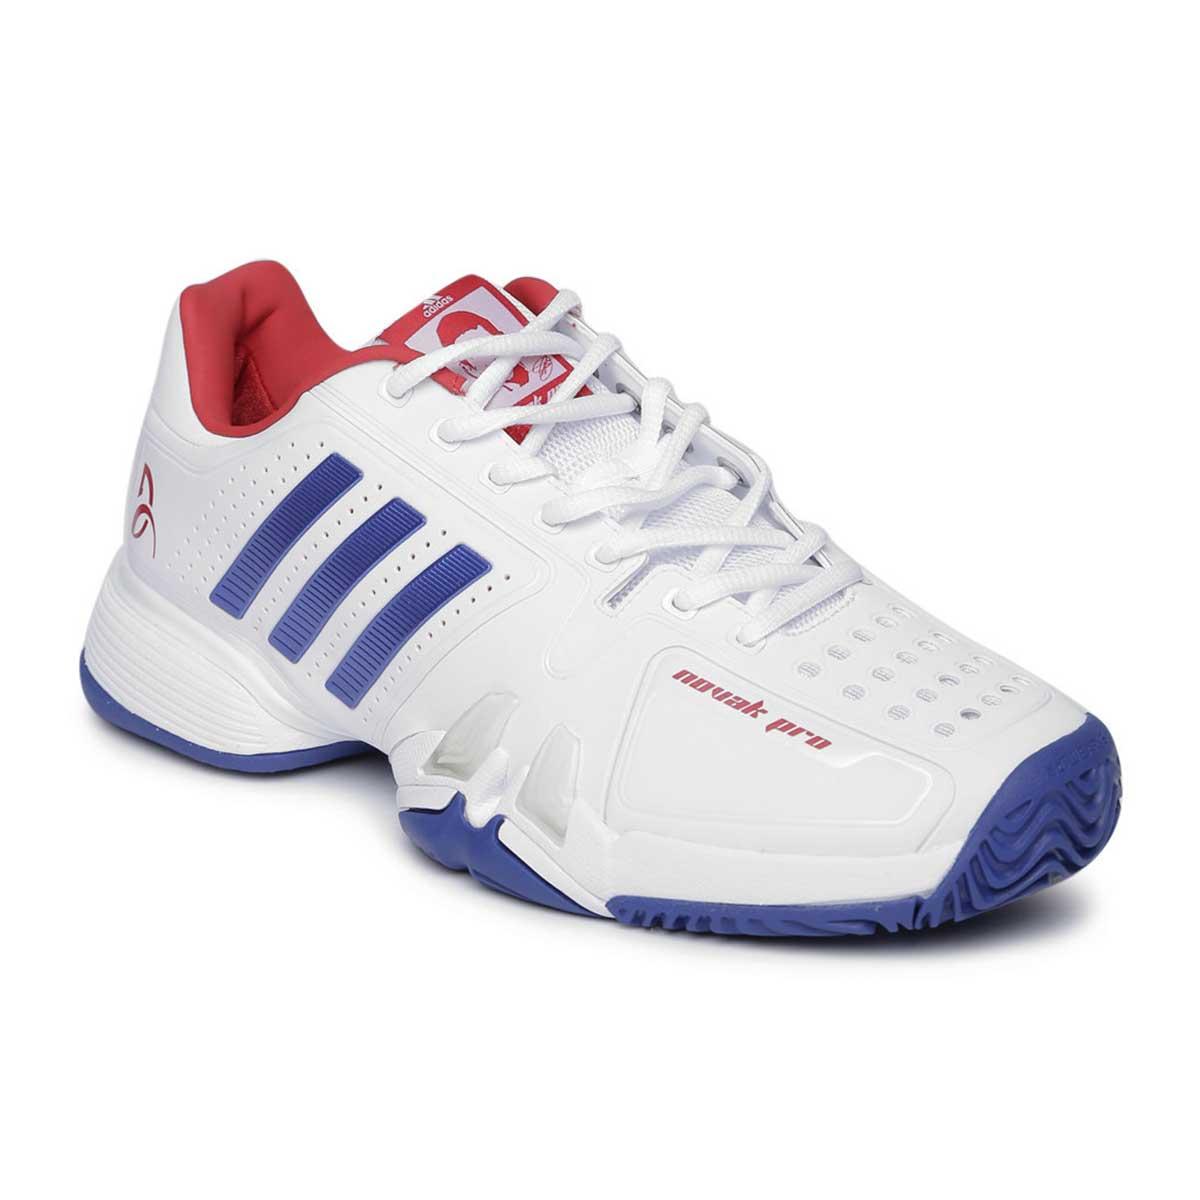 adidas shoes india